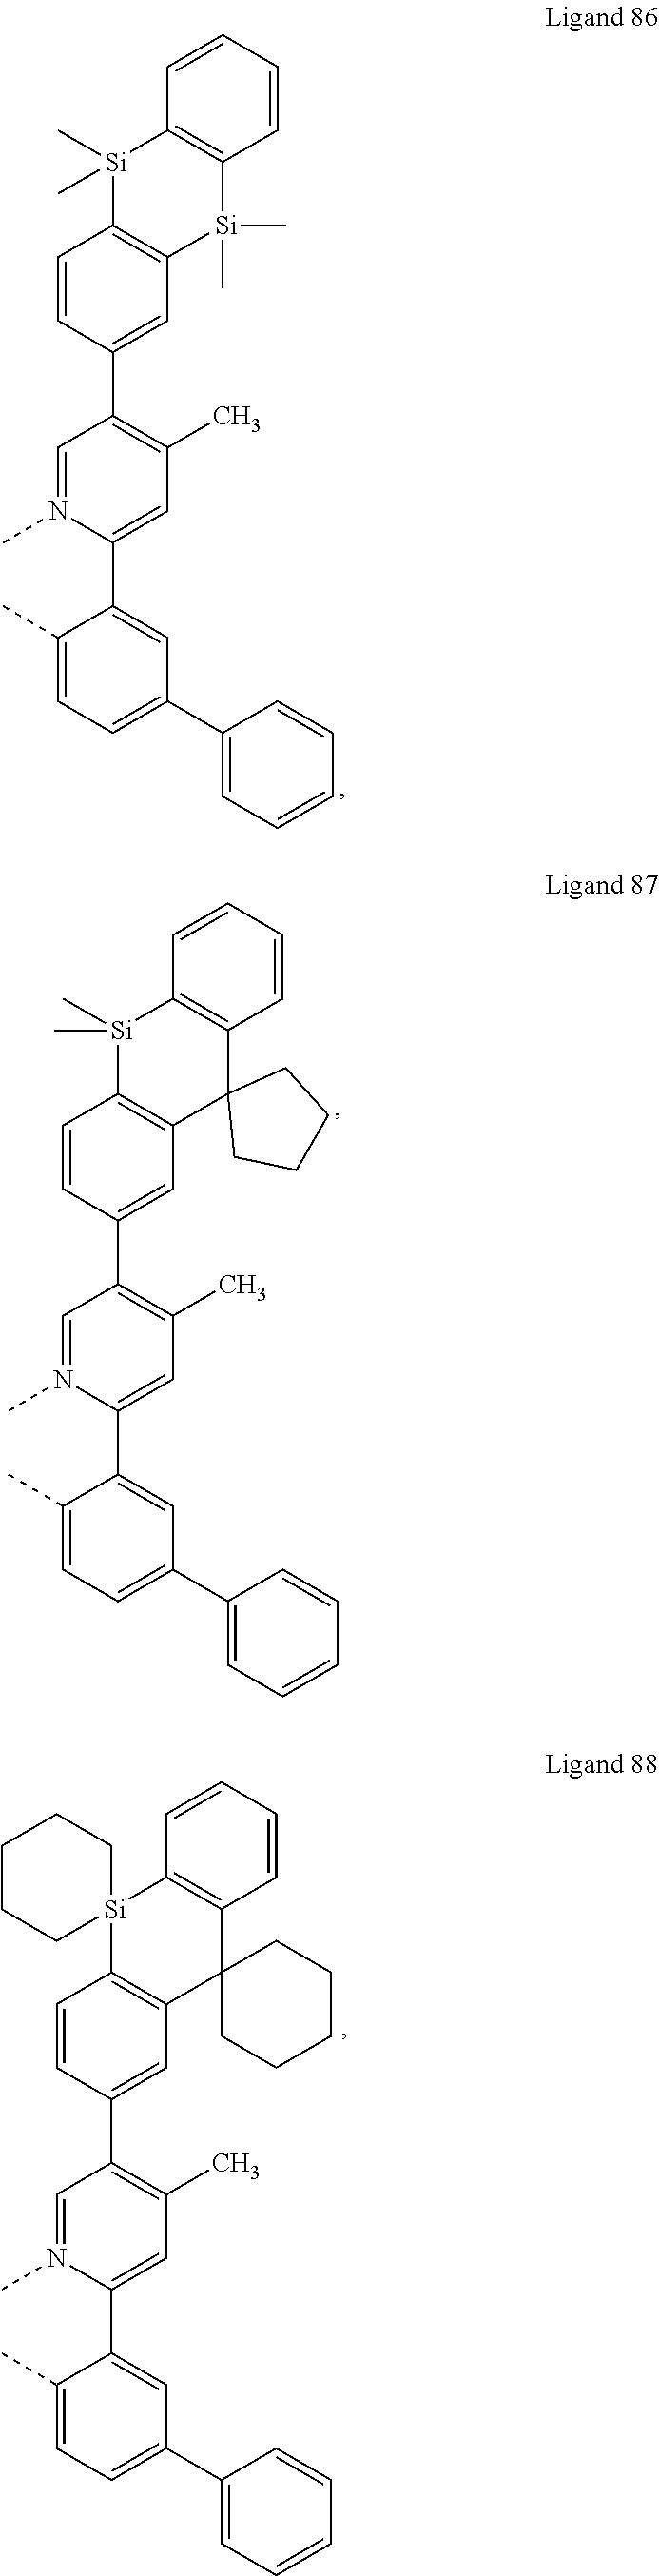 Figure US20180130962A1-20180510-C00052